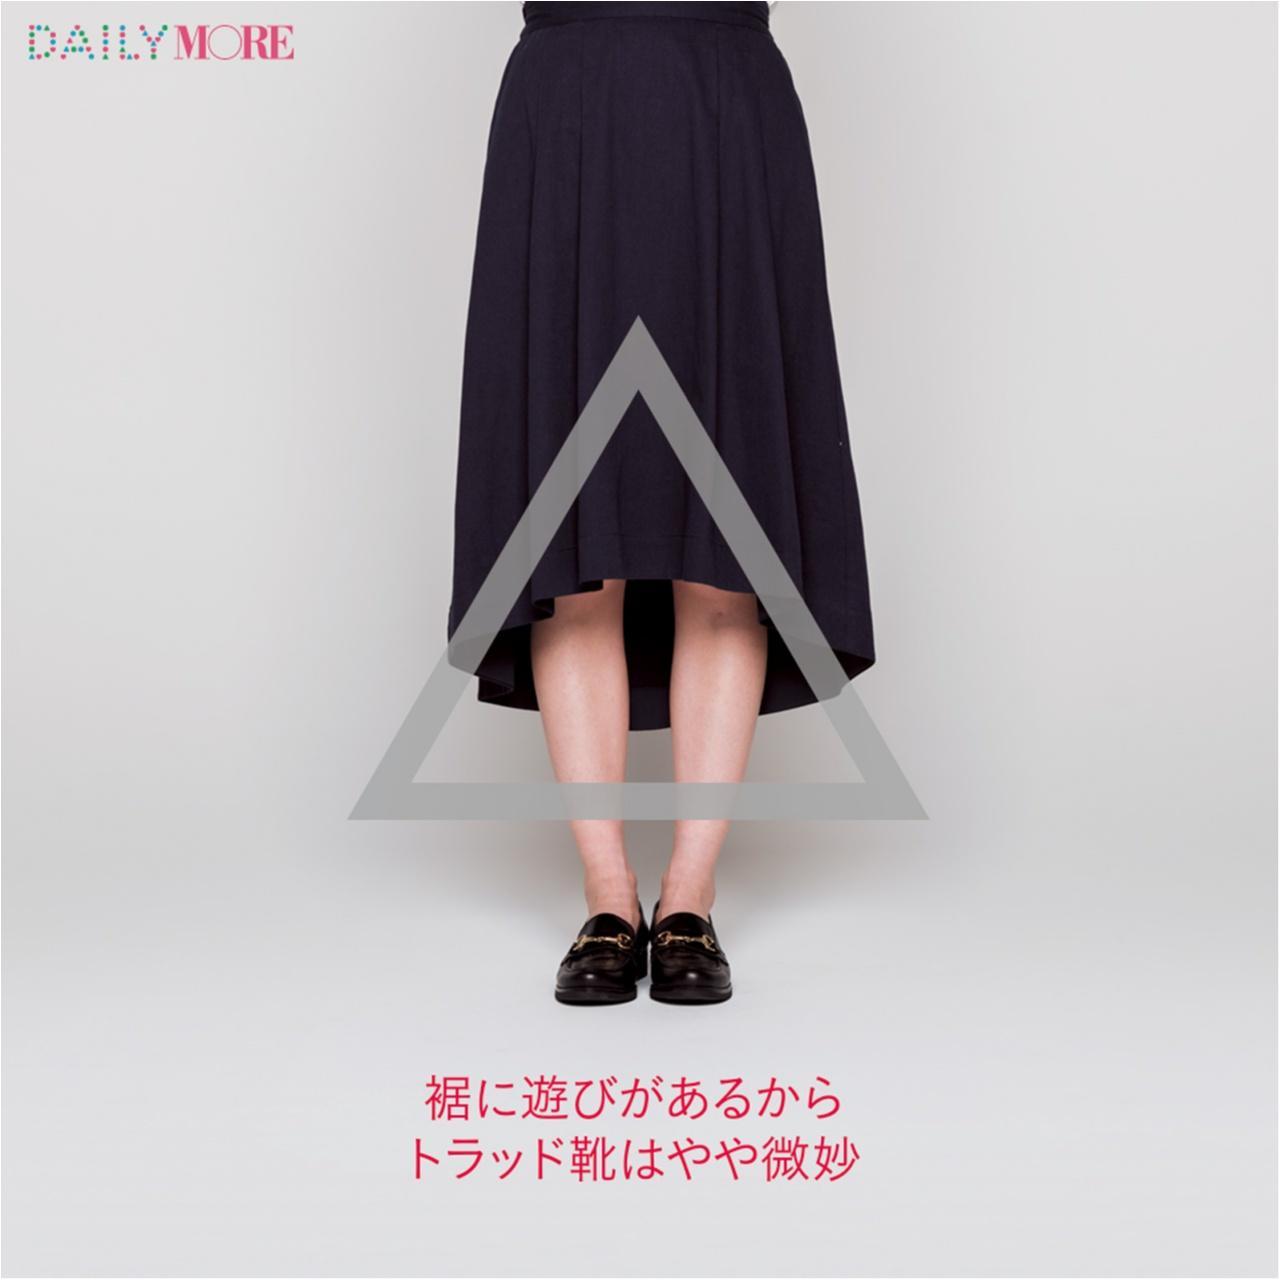 【いちばん脚が長く見えるのはどれだっ⁉】トレンド靴とトレンドスカート、ベストバランスを探せ!_1_2